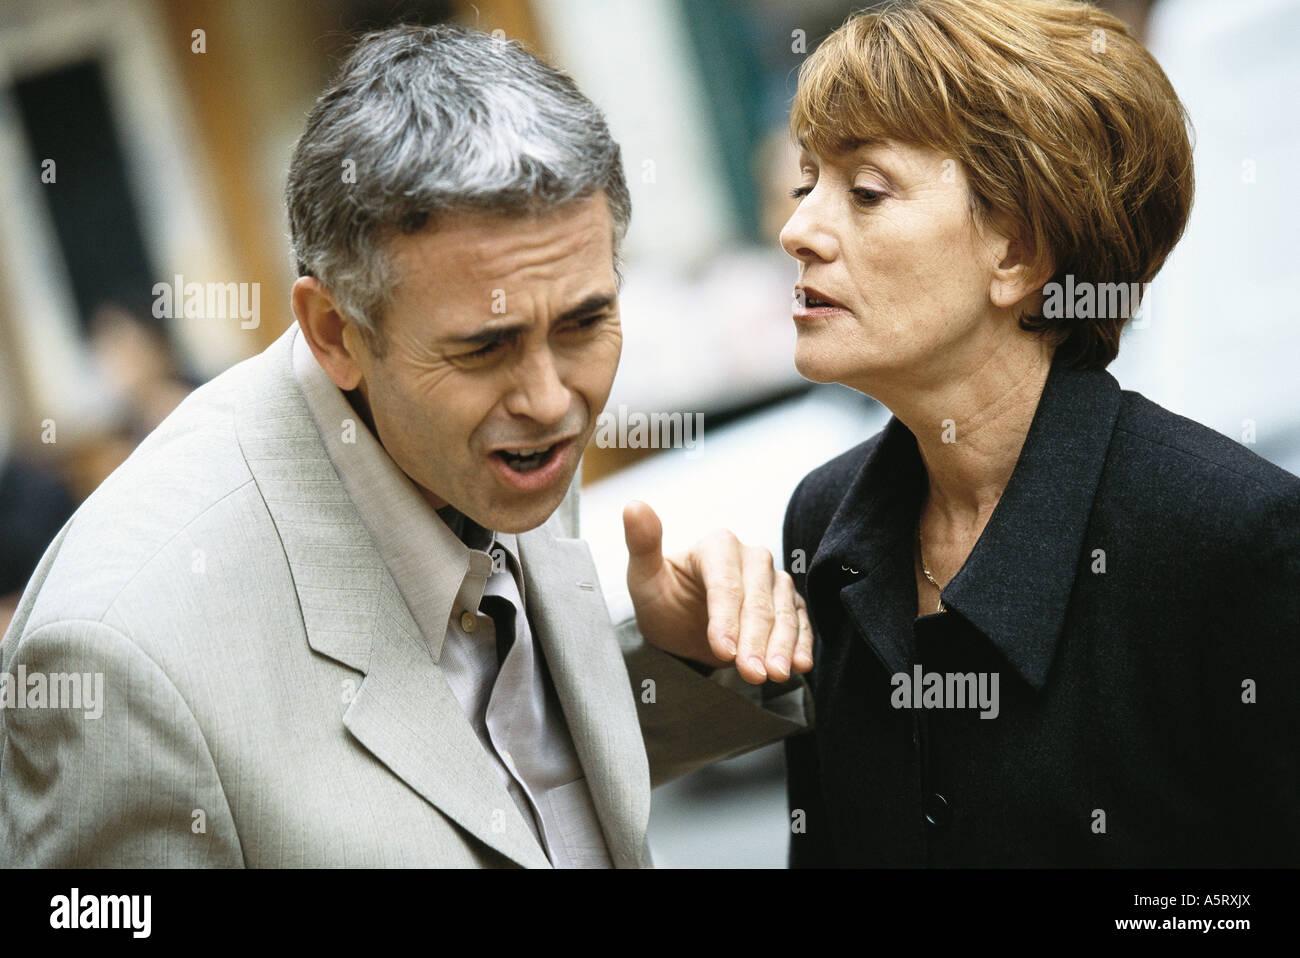 Young couple having argument Banque D'Images